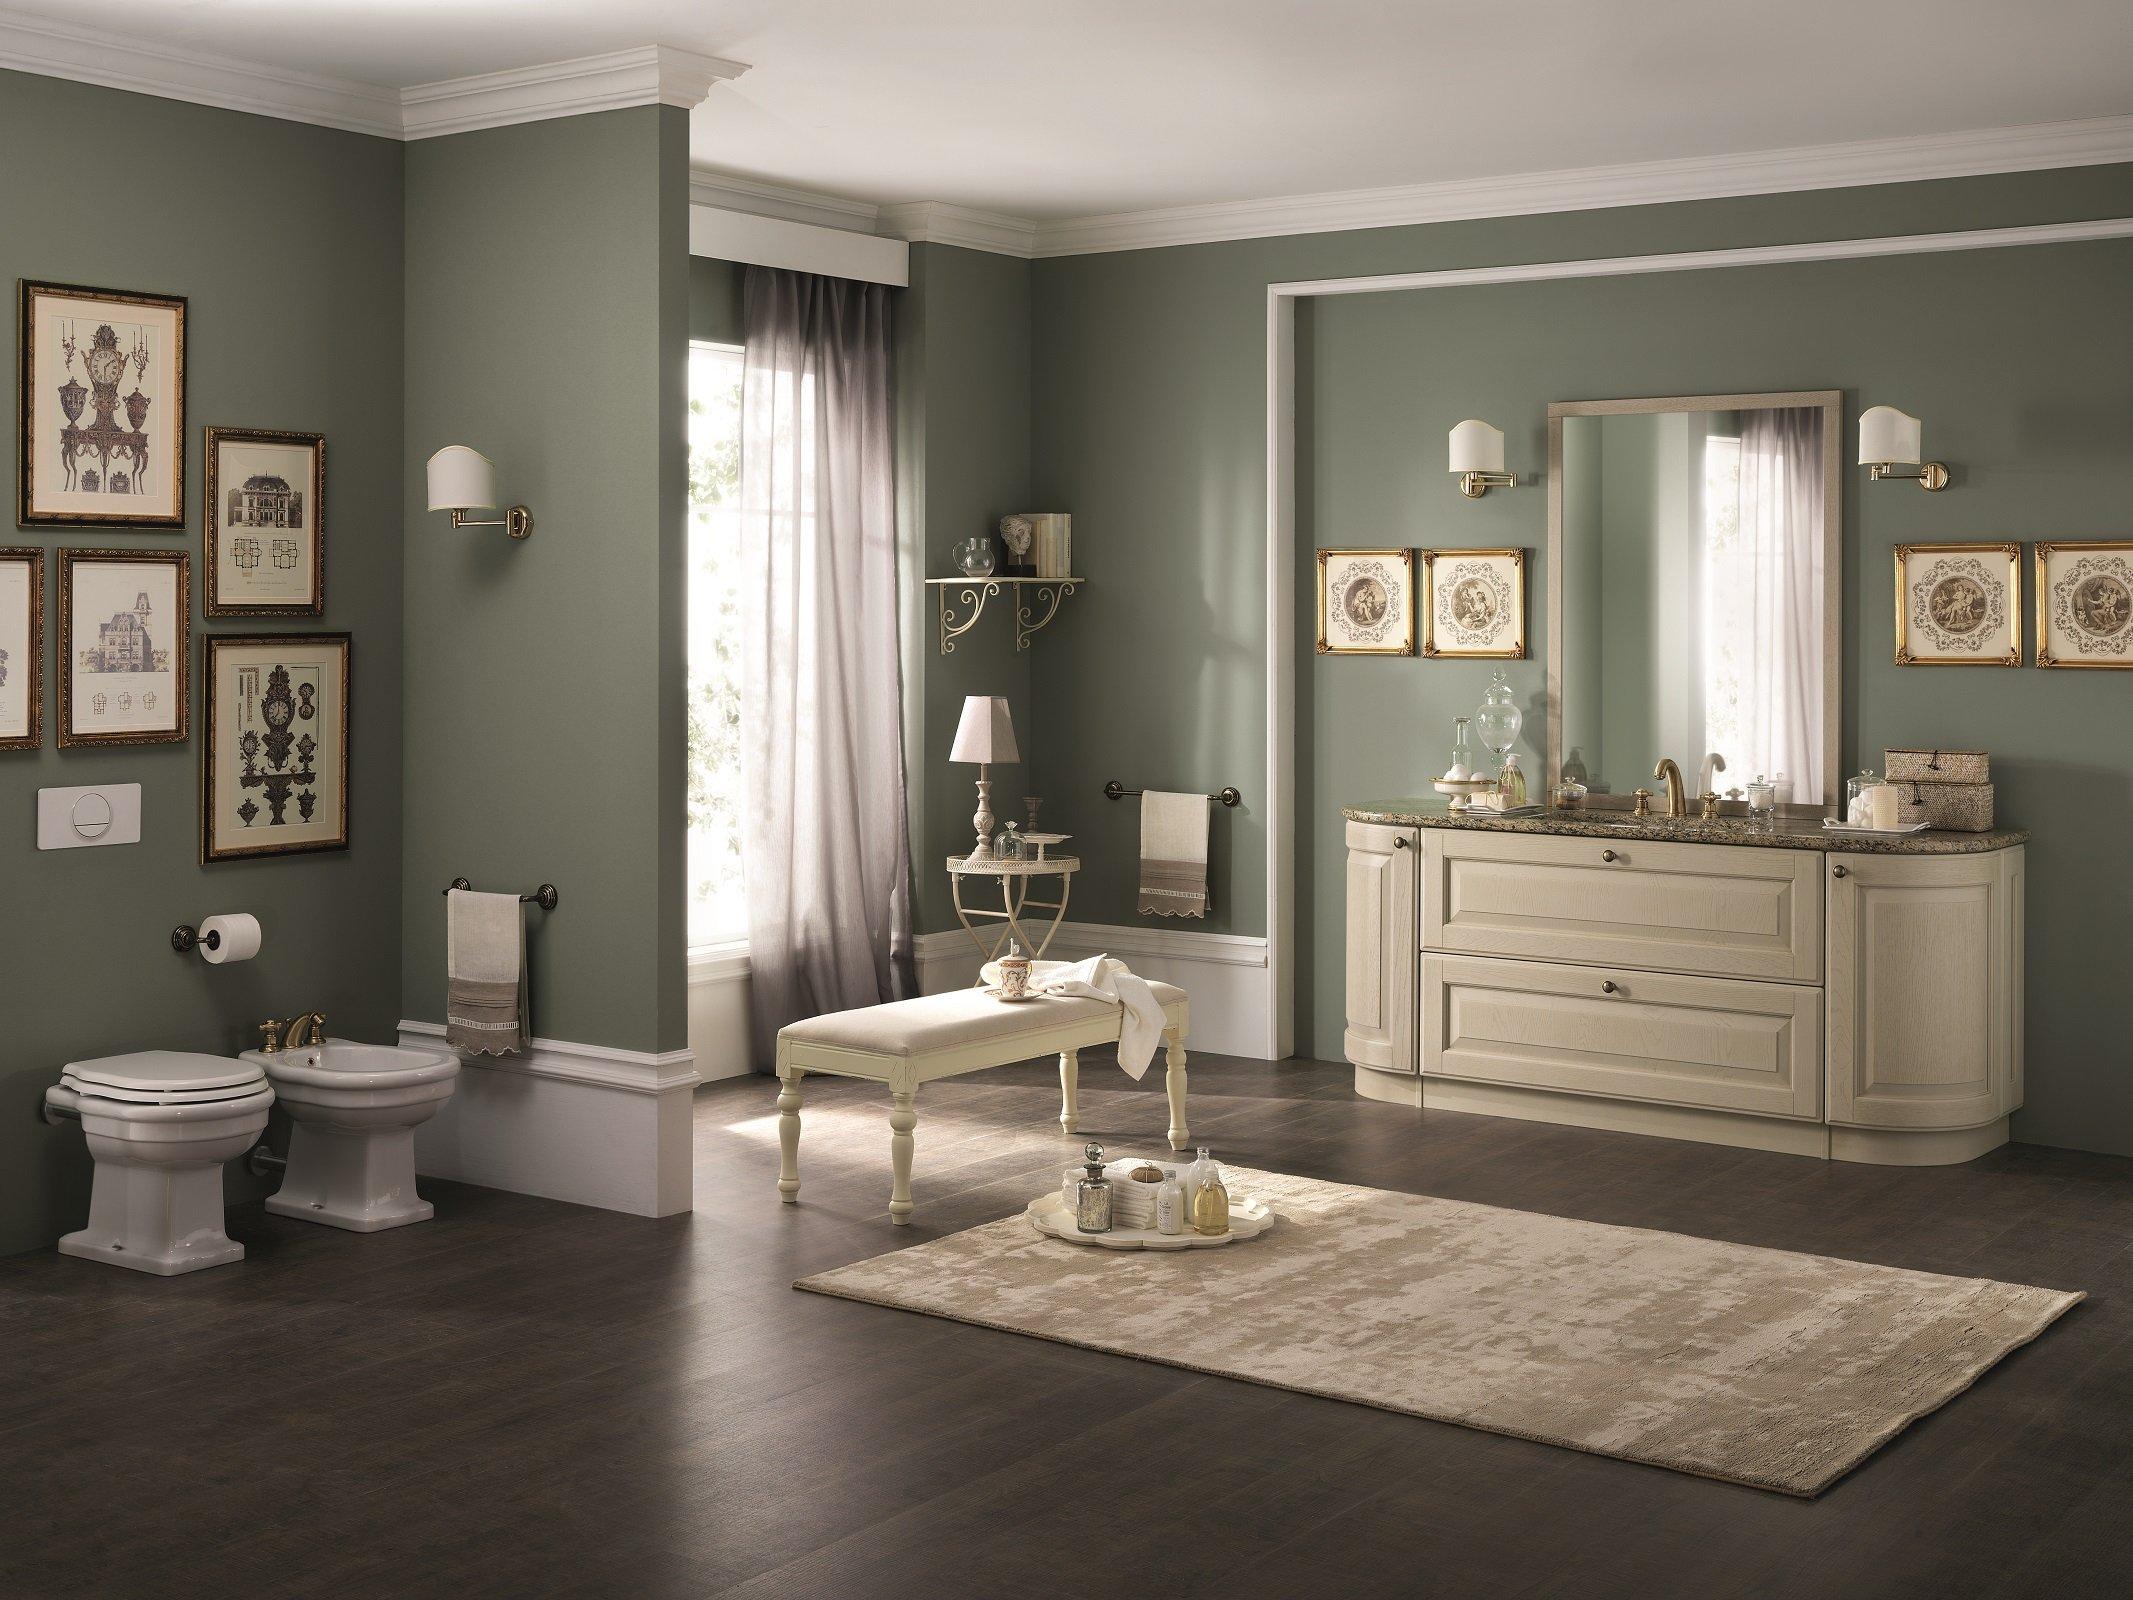 I lavabi e i sanitari per il bagno in stile classico e retr - Bagno con gli squali sudafrica ...